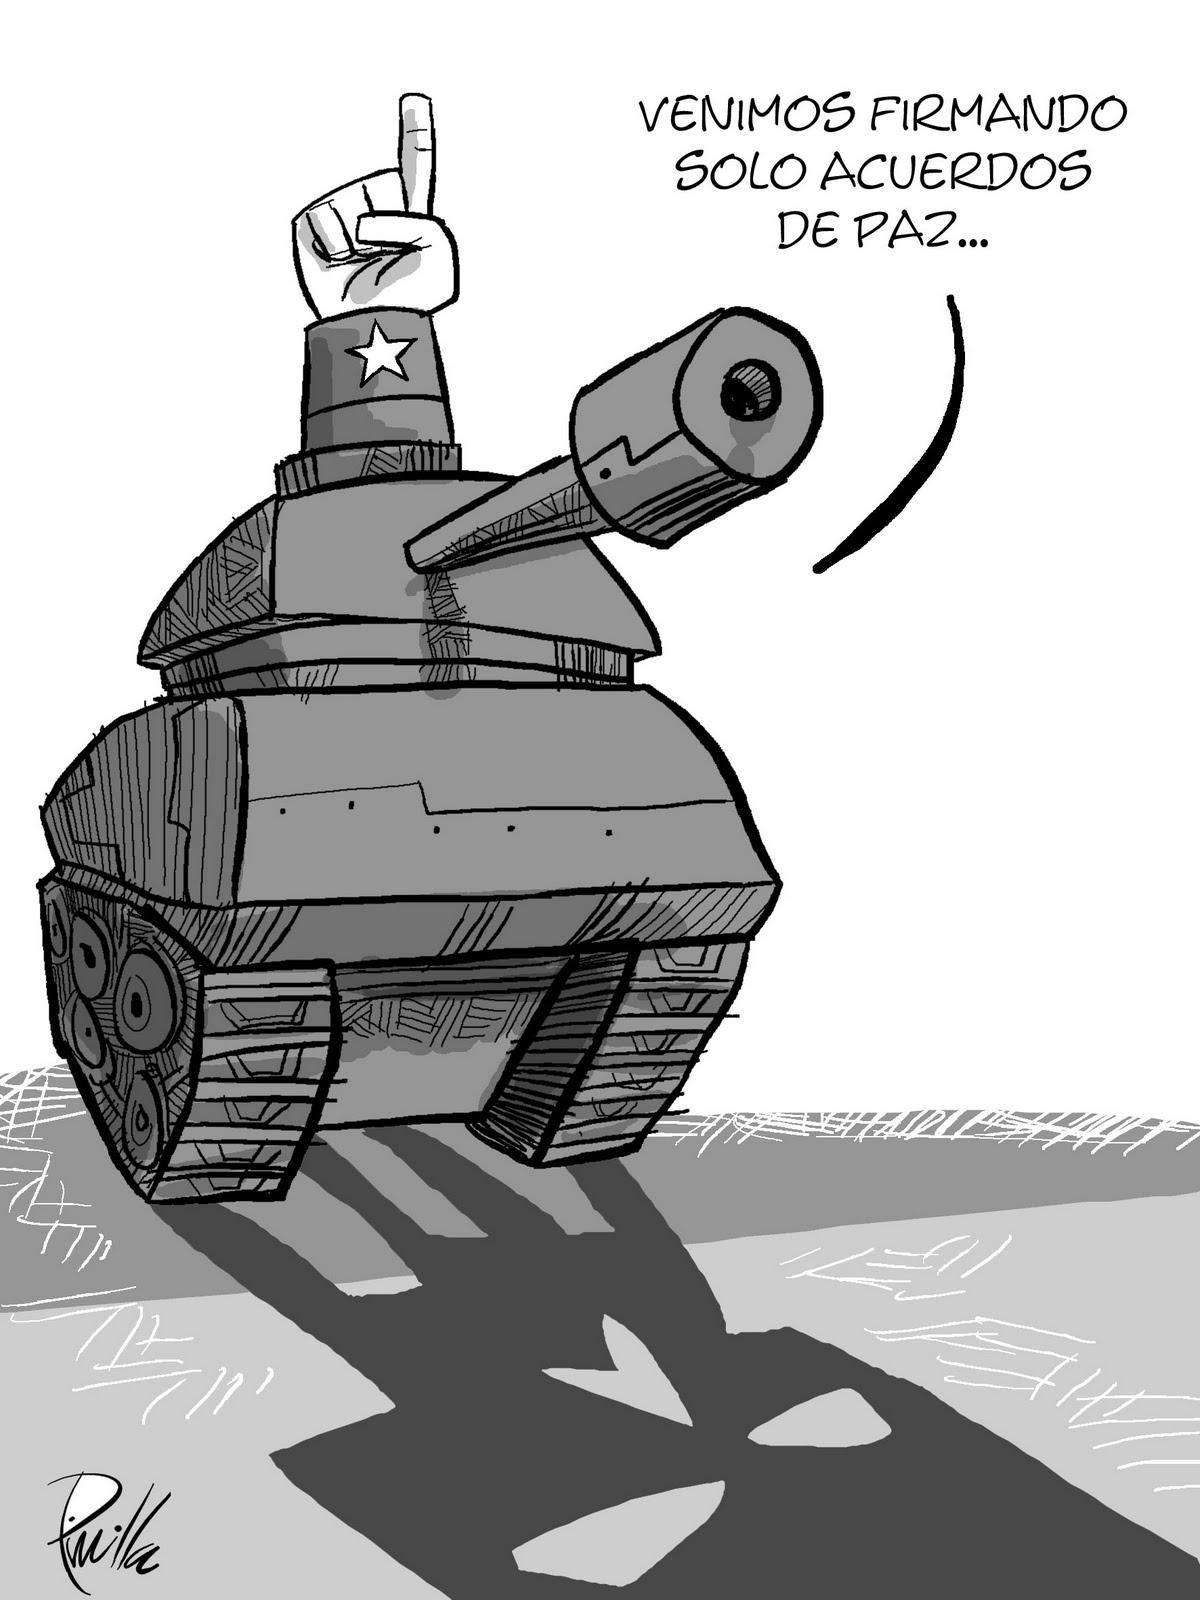 A propósito de los acuerdos de Paz